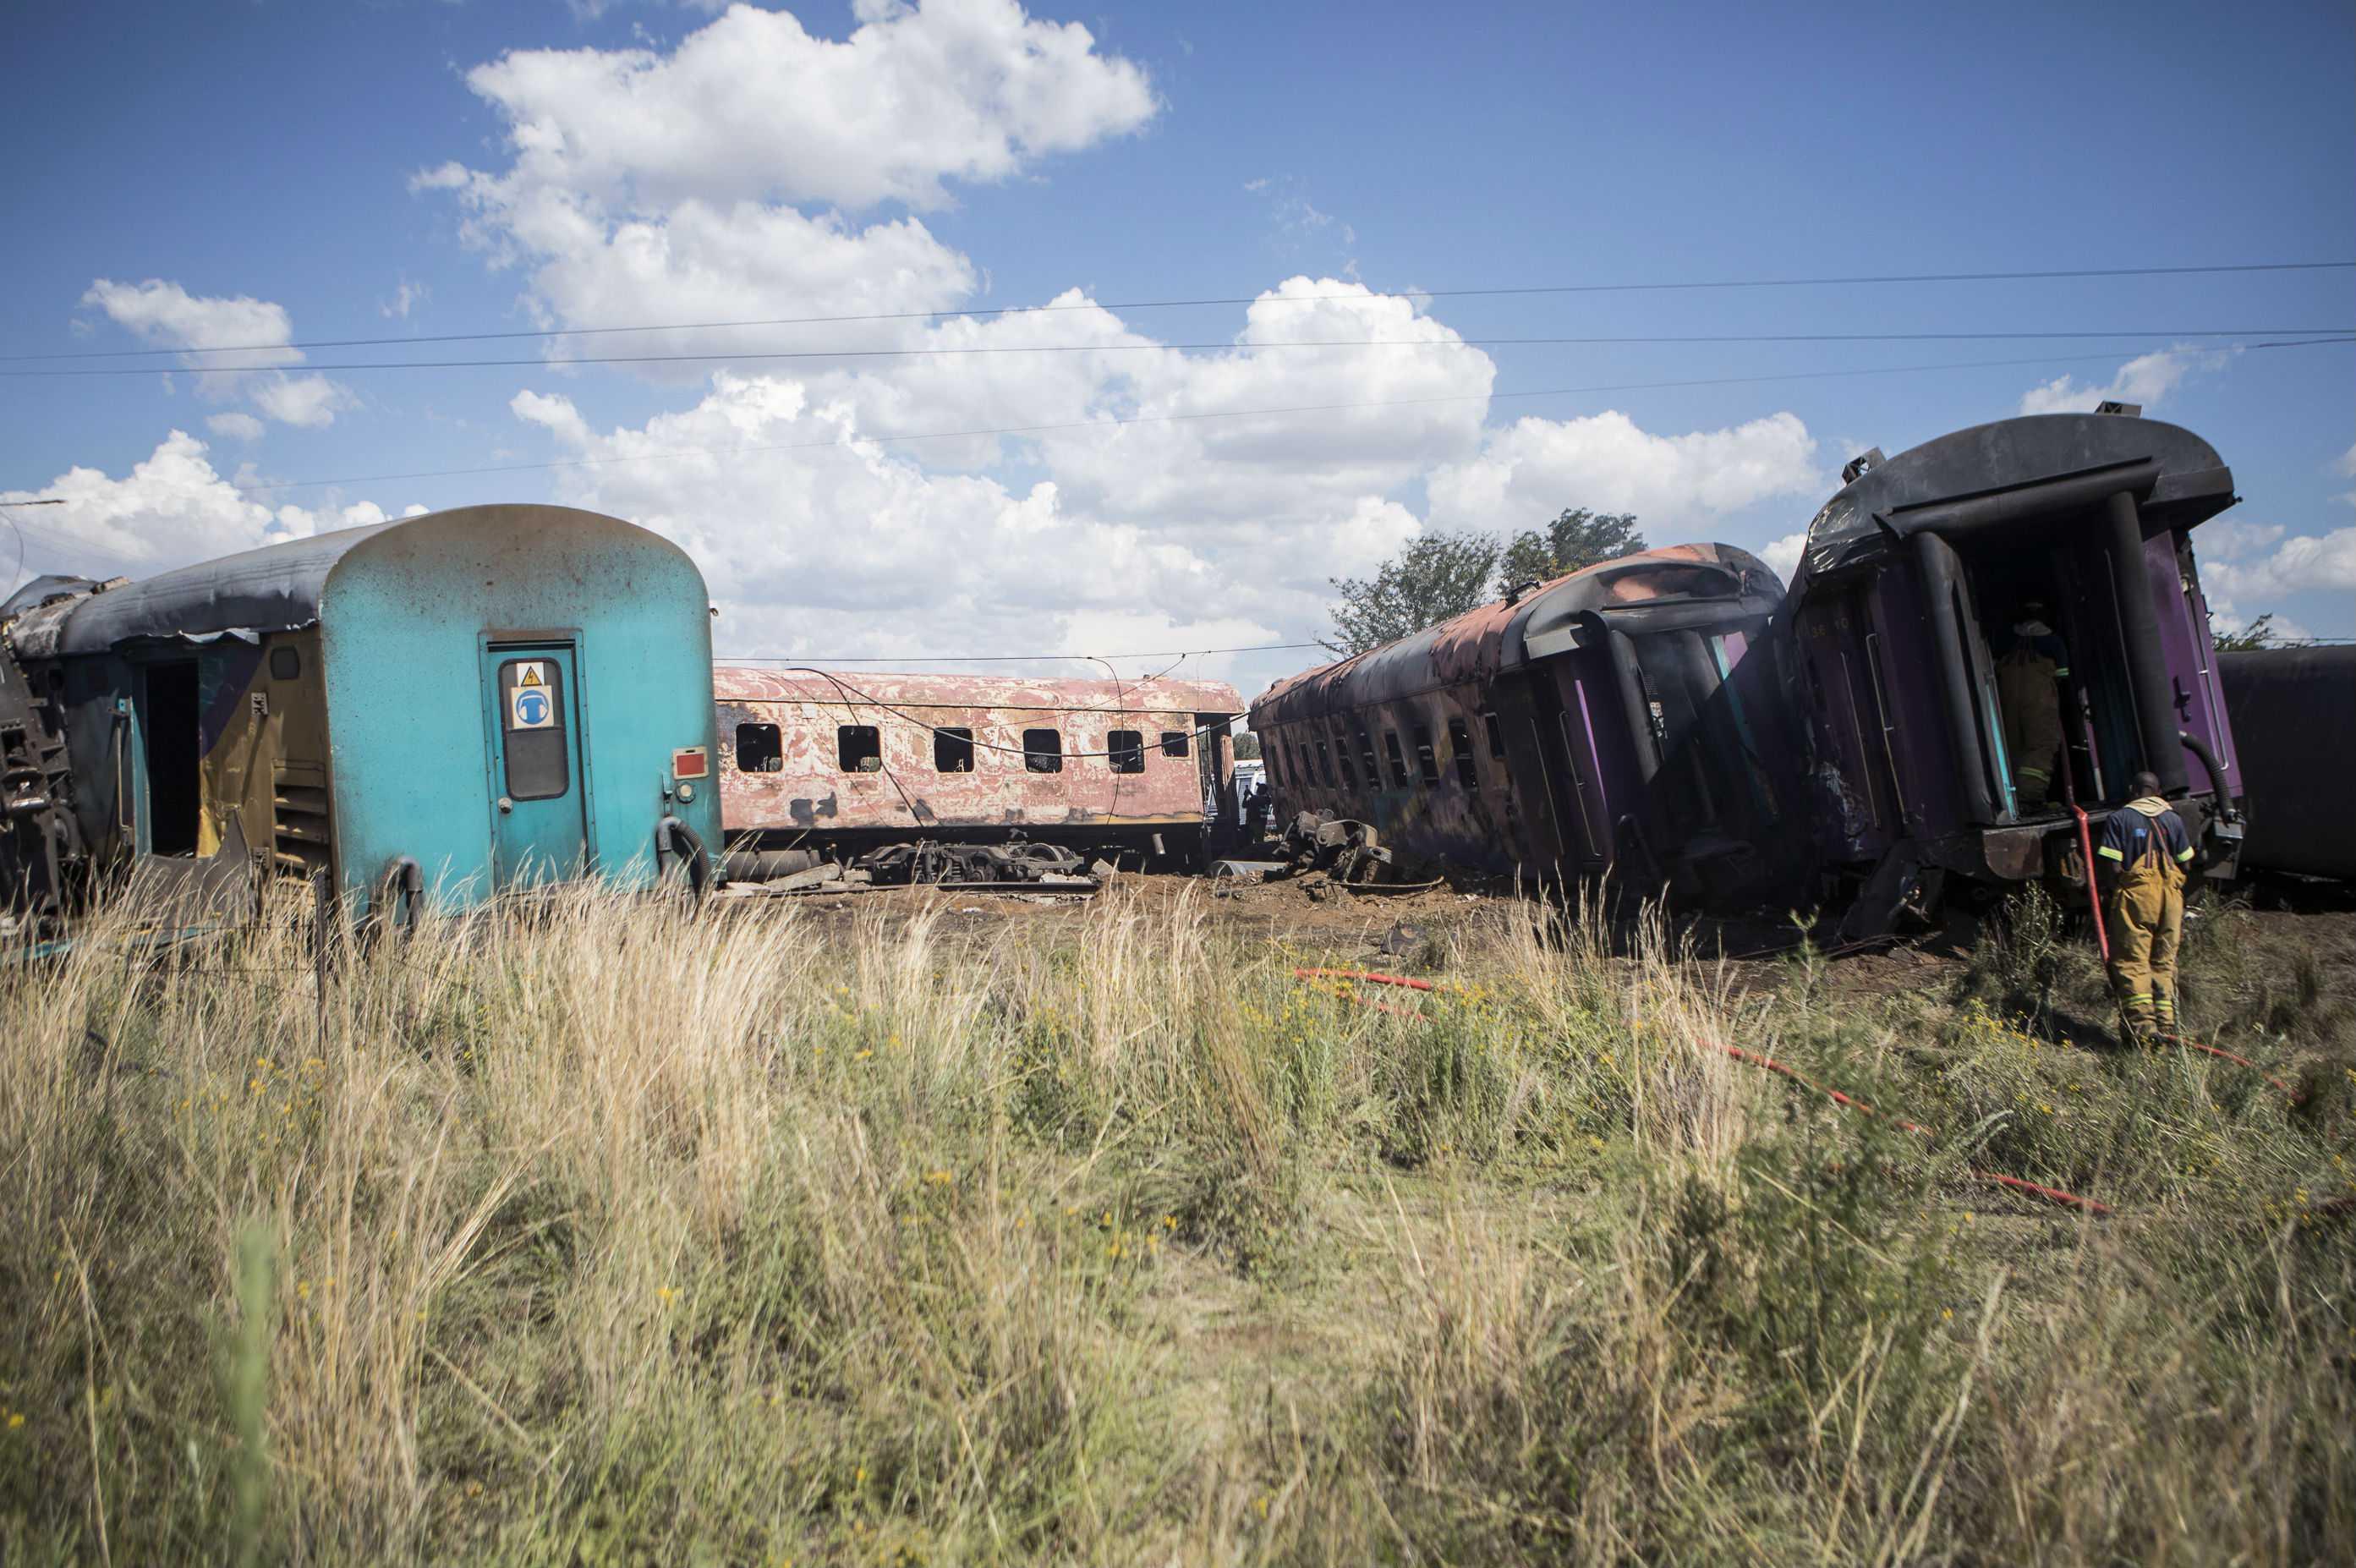 Dieciocho muertos y 254 heridos en el choque de un tren con un camión en Sudáfrica